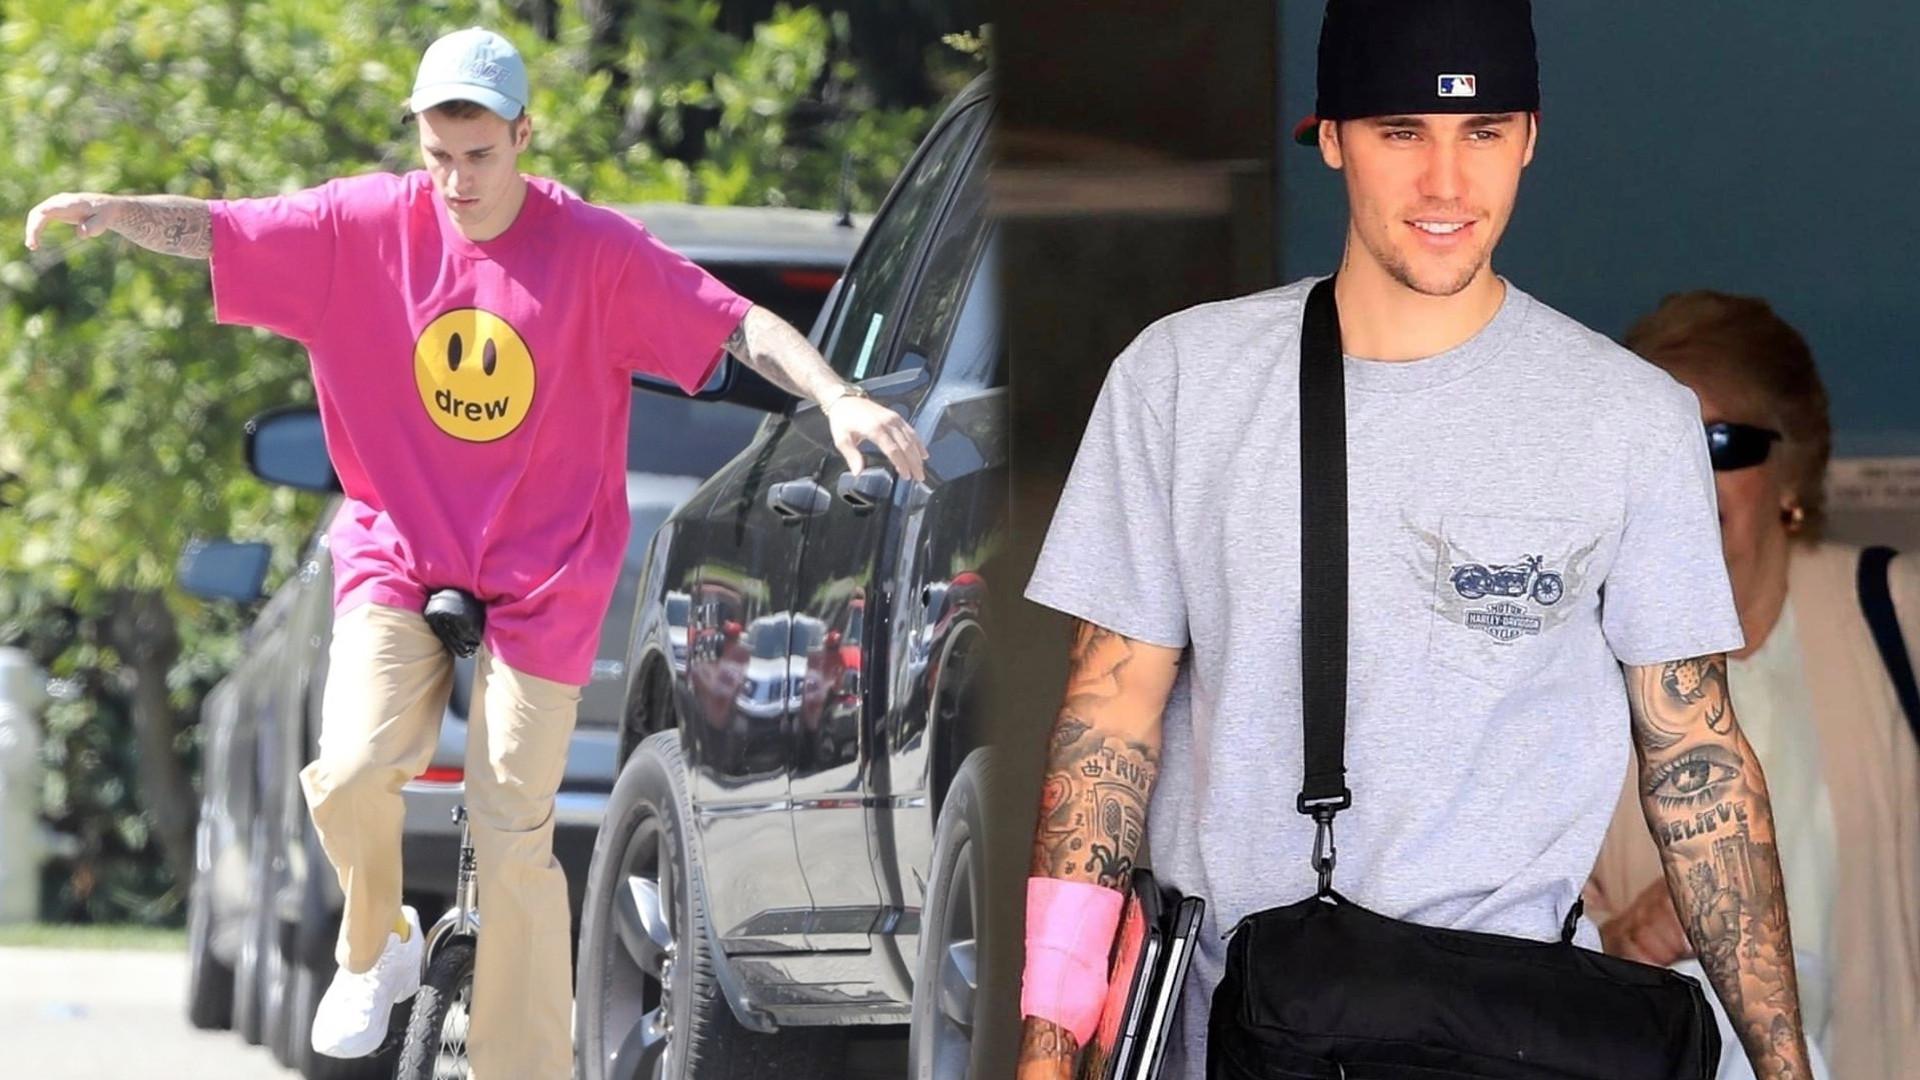 AUĆ! Justin Bieber zaliczył bolesny upadek na monocyklu (FOTO)